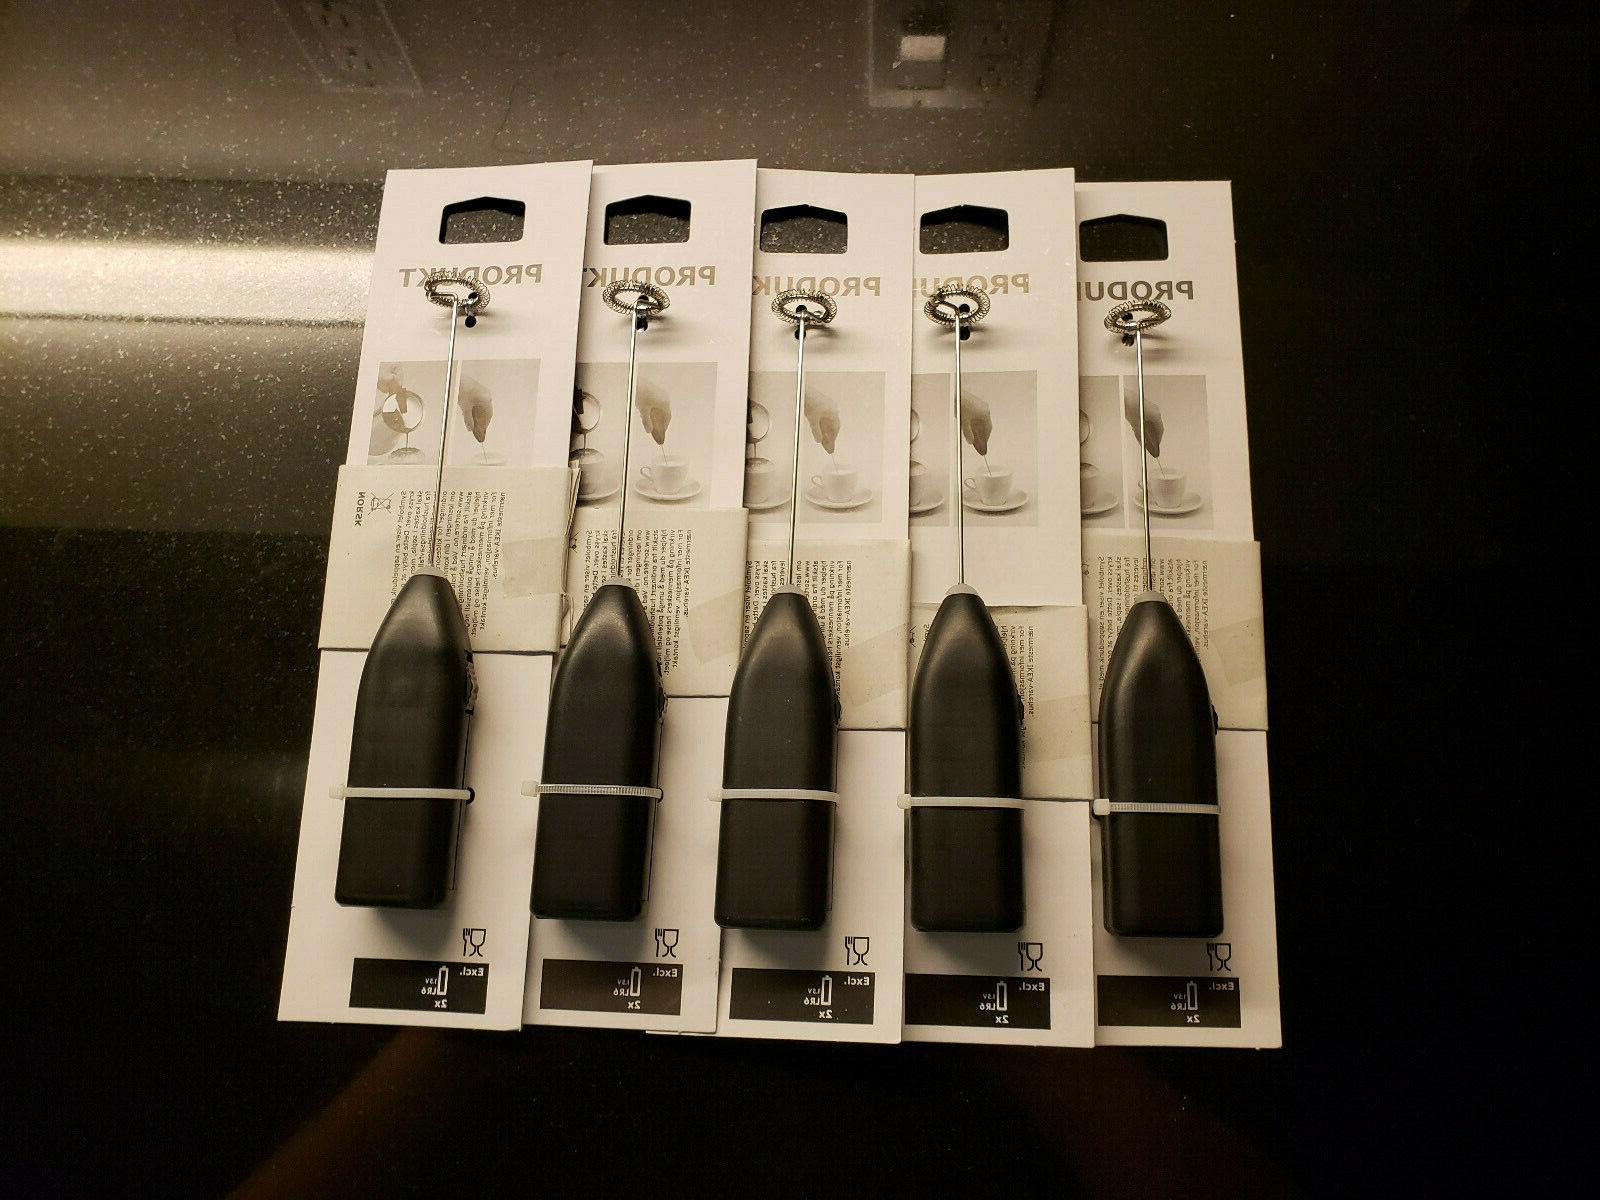 IKEA Handheld Milk shipped